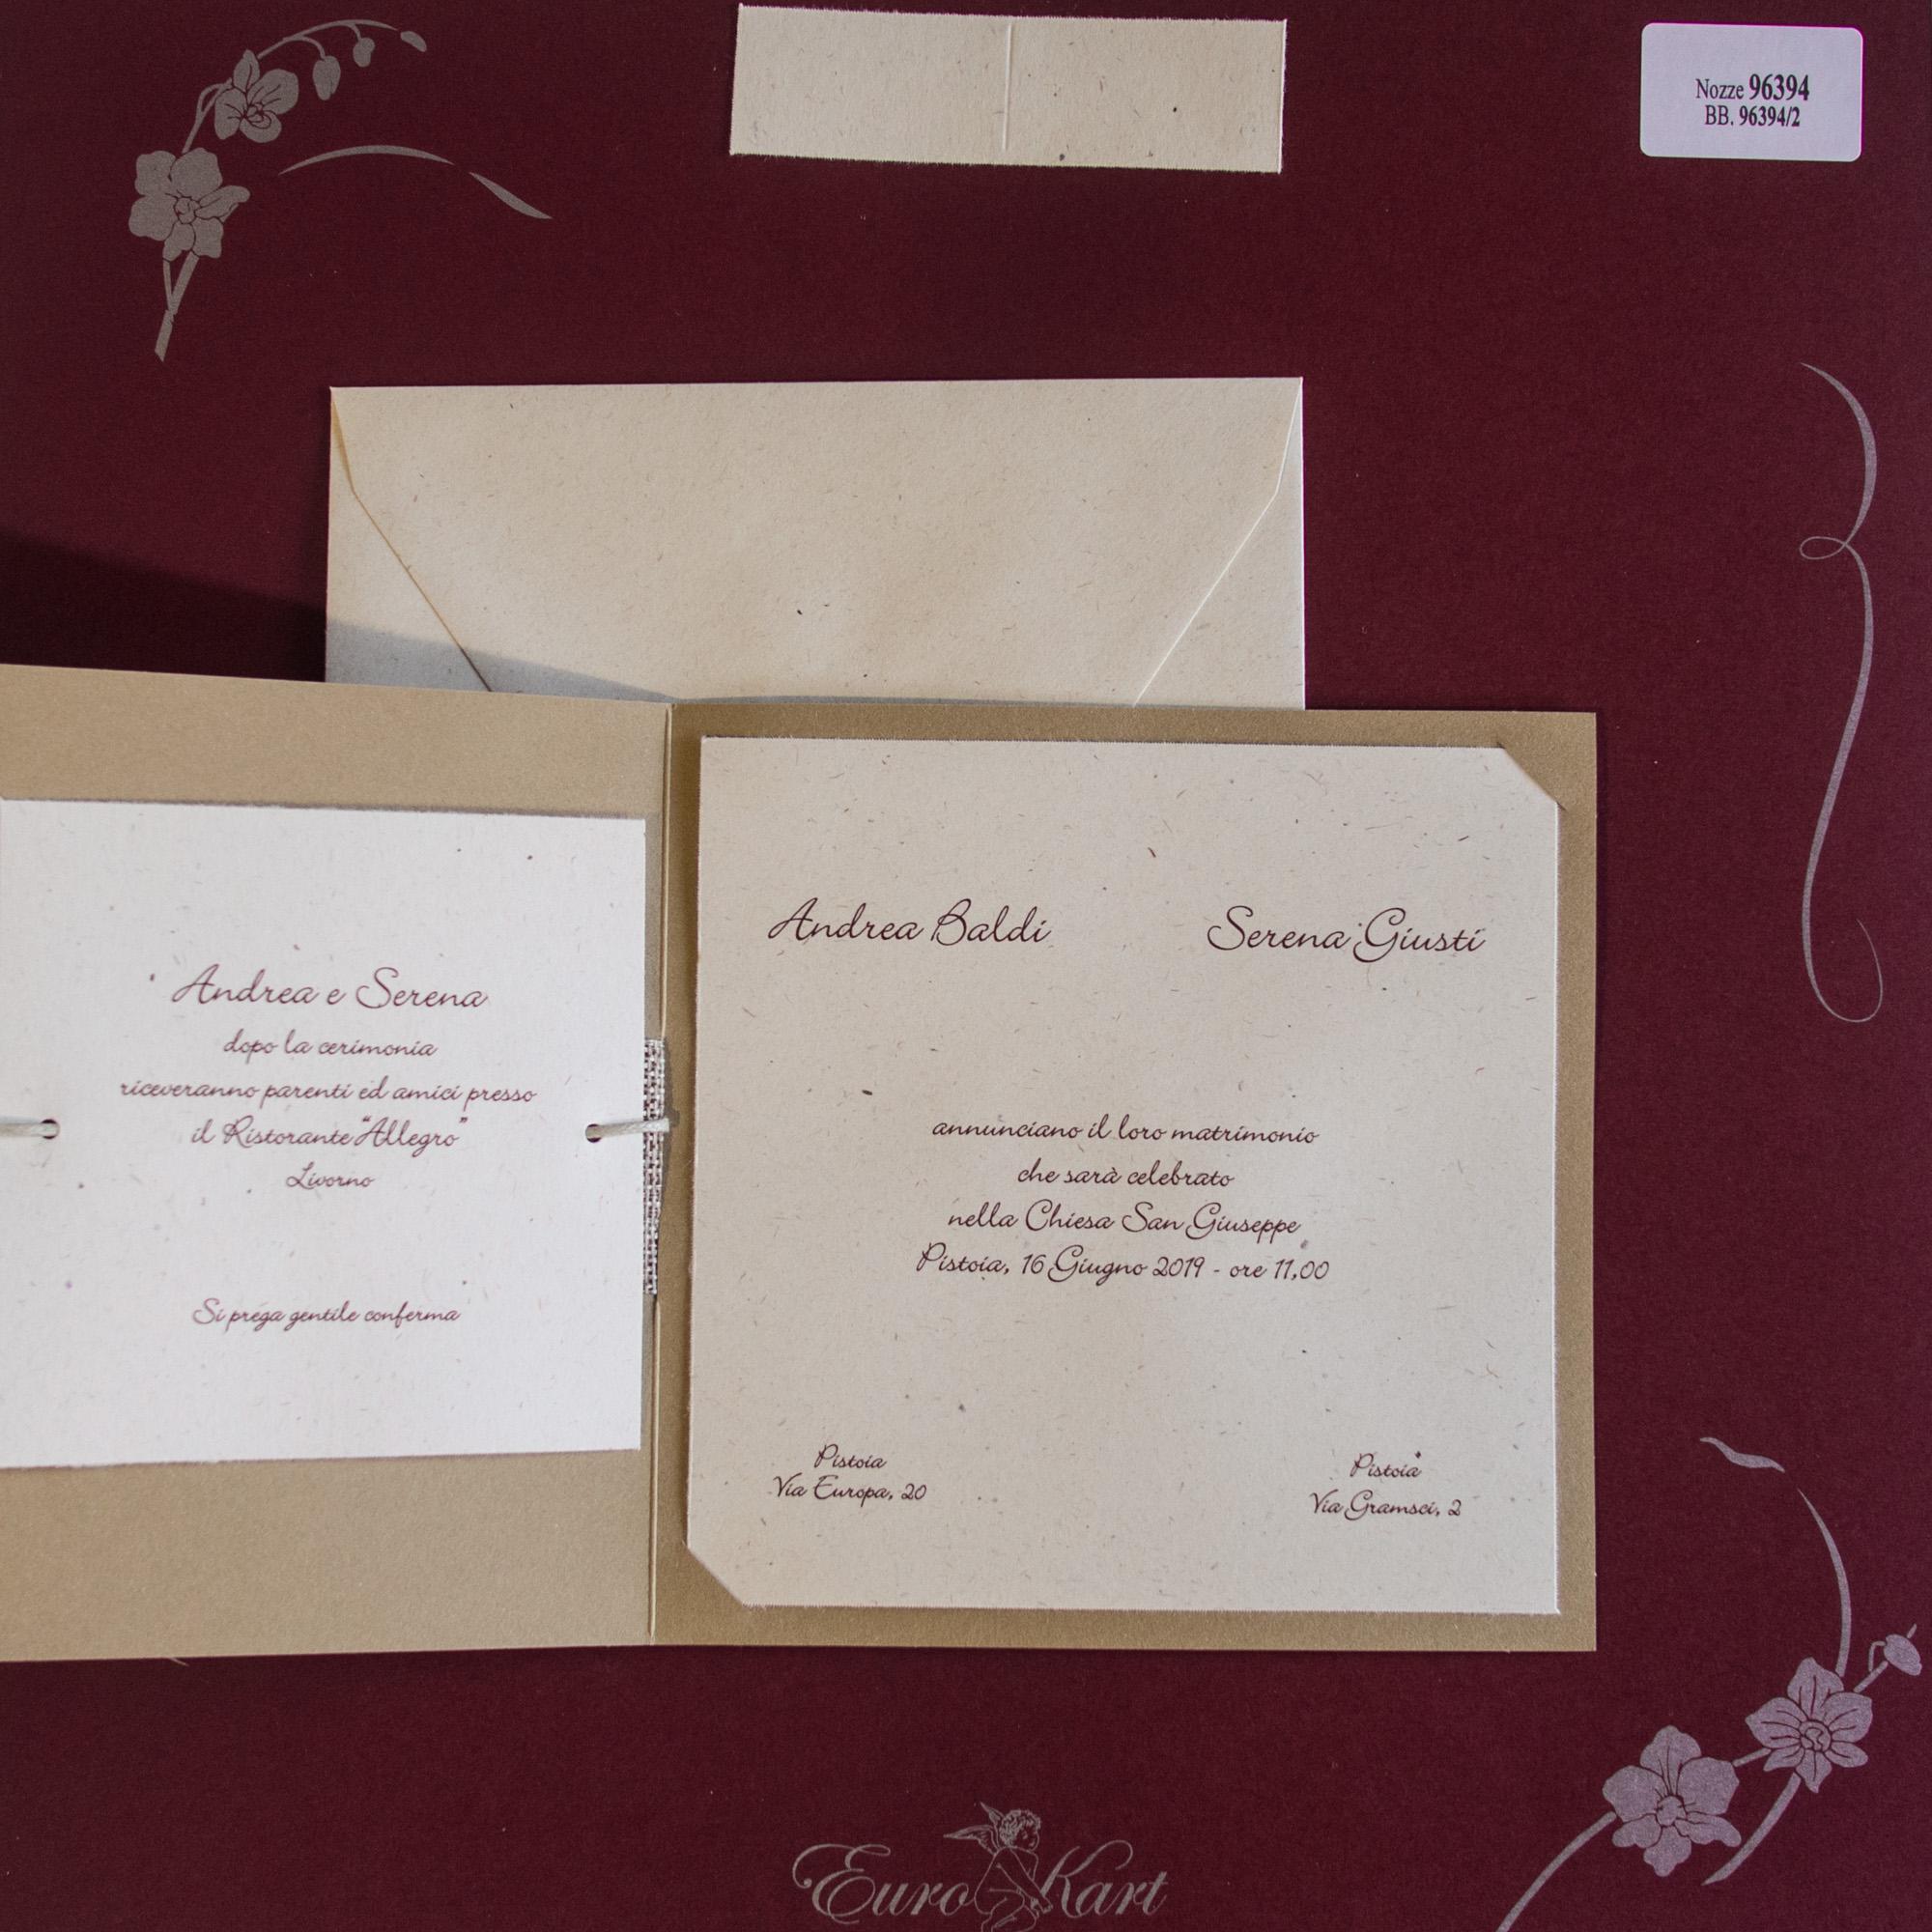 partecipazioni di nozze 96394